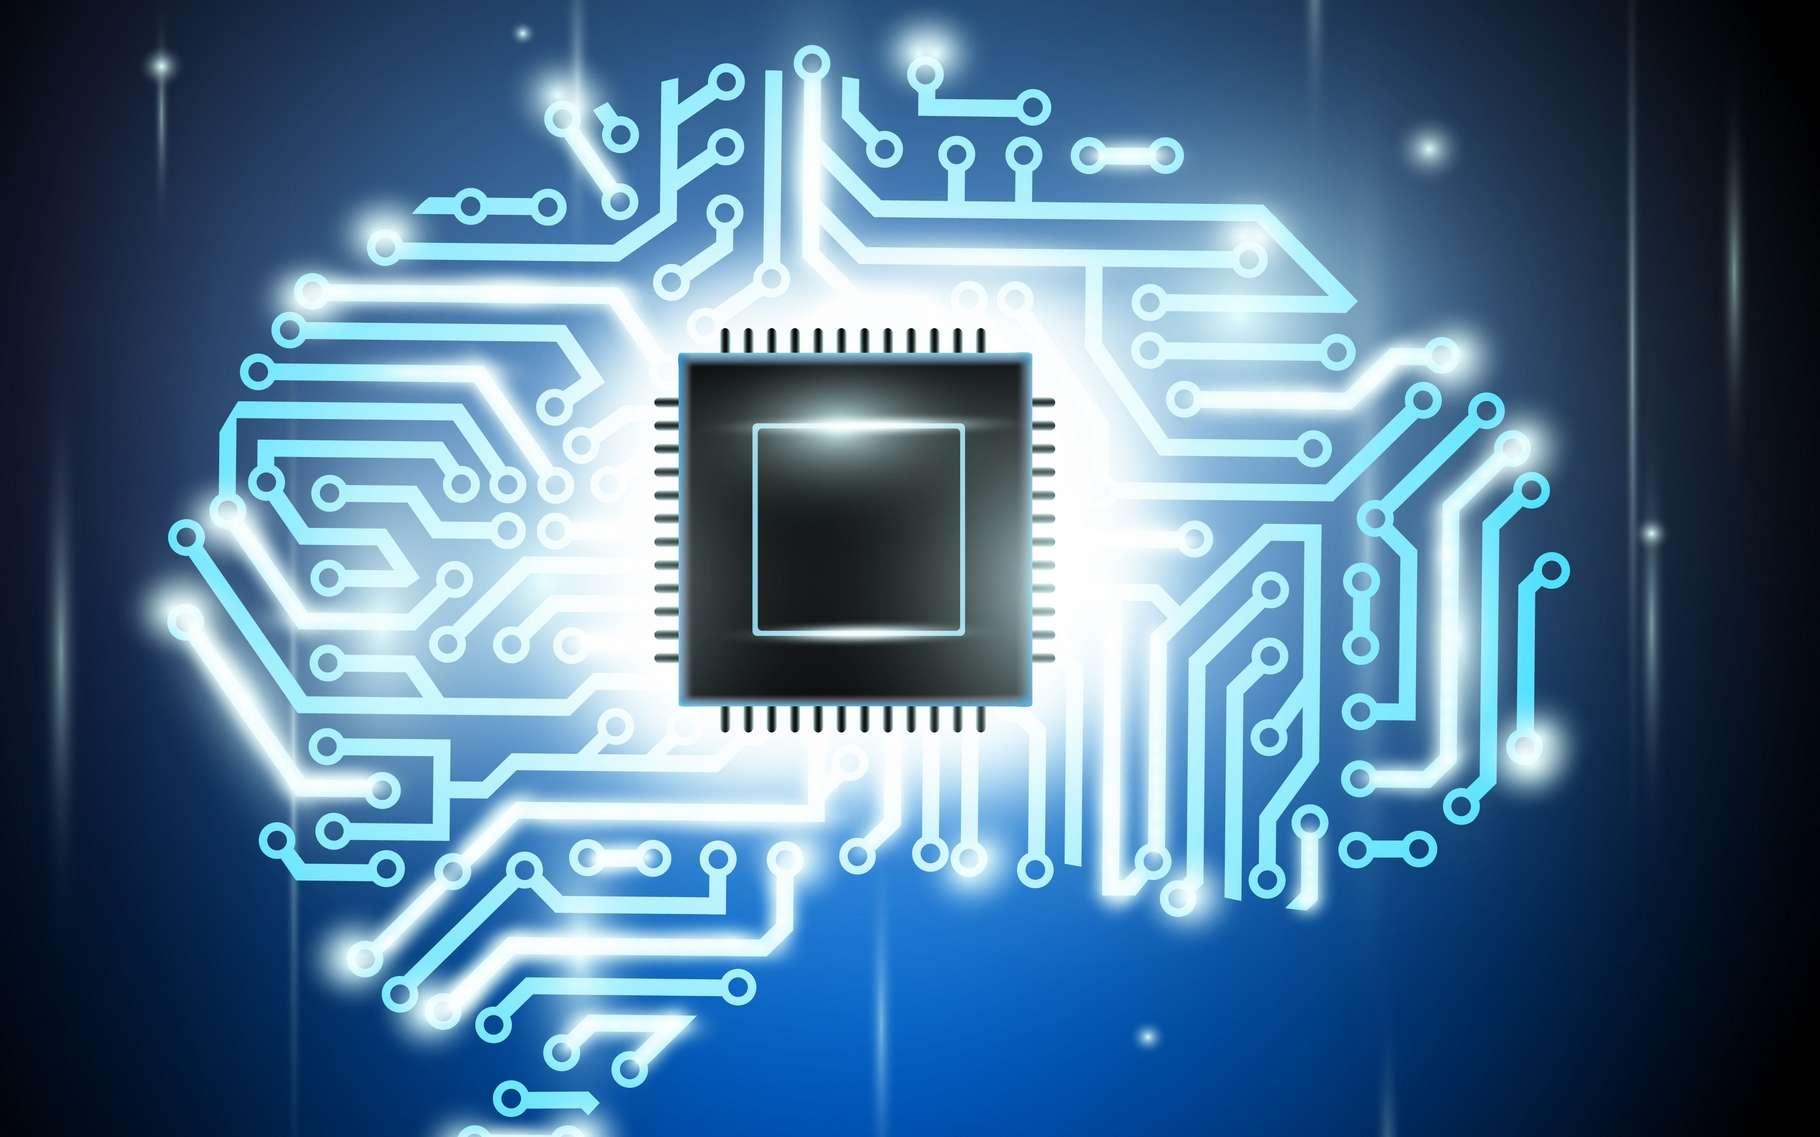 Arriver à exploiter la puissance d'une intelligence artificielle à partir d'une simple clé USB va permettre de faire grandement évoluer les capacités de nombreux appareils électroniques. © Macro-vectors, Shutterstock